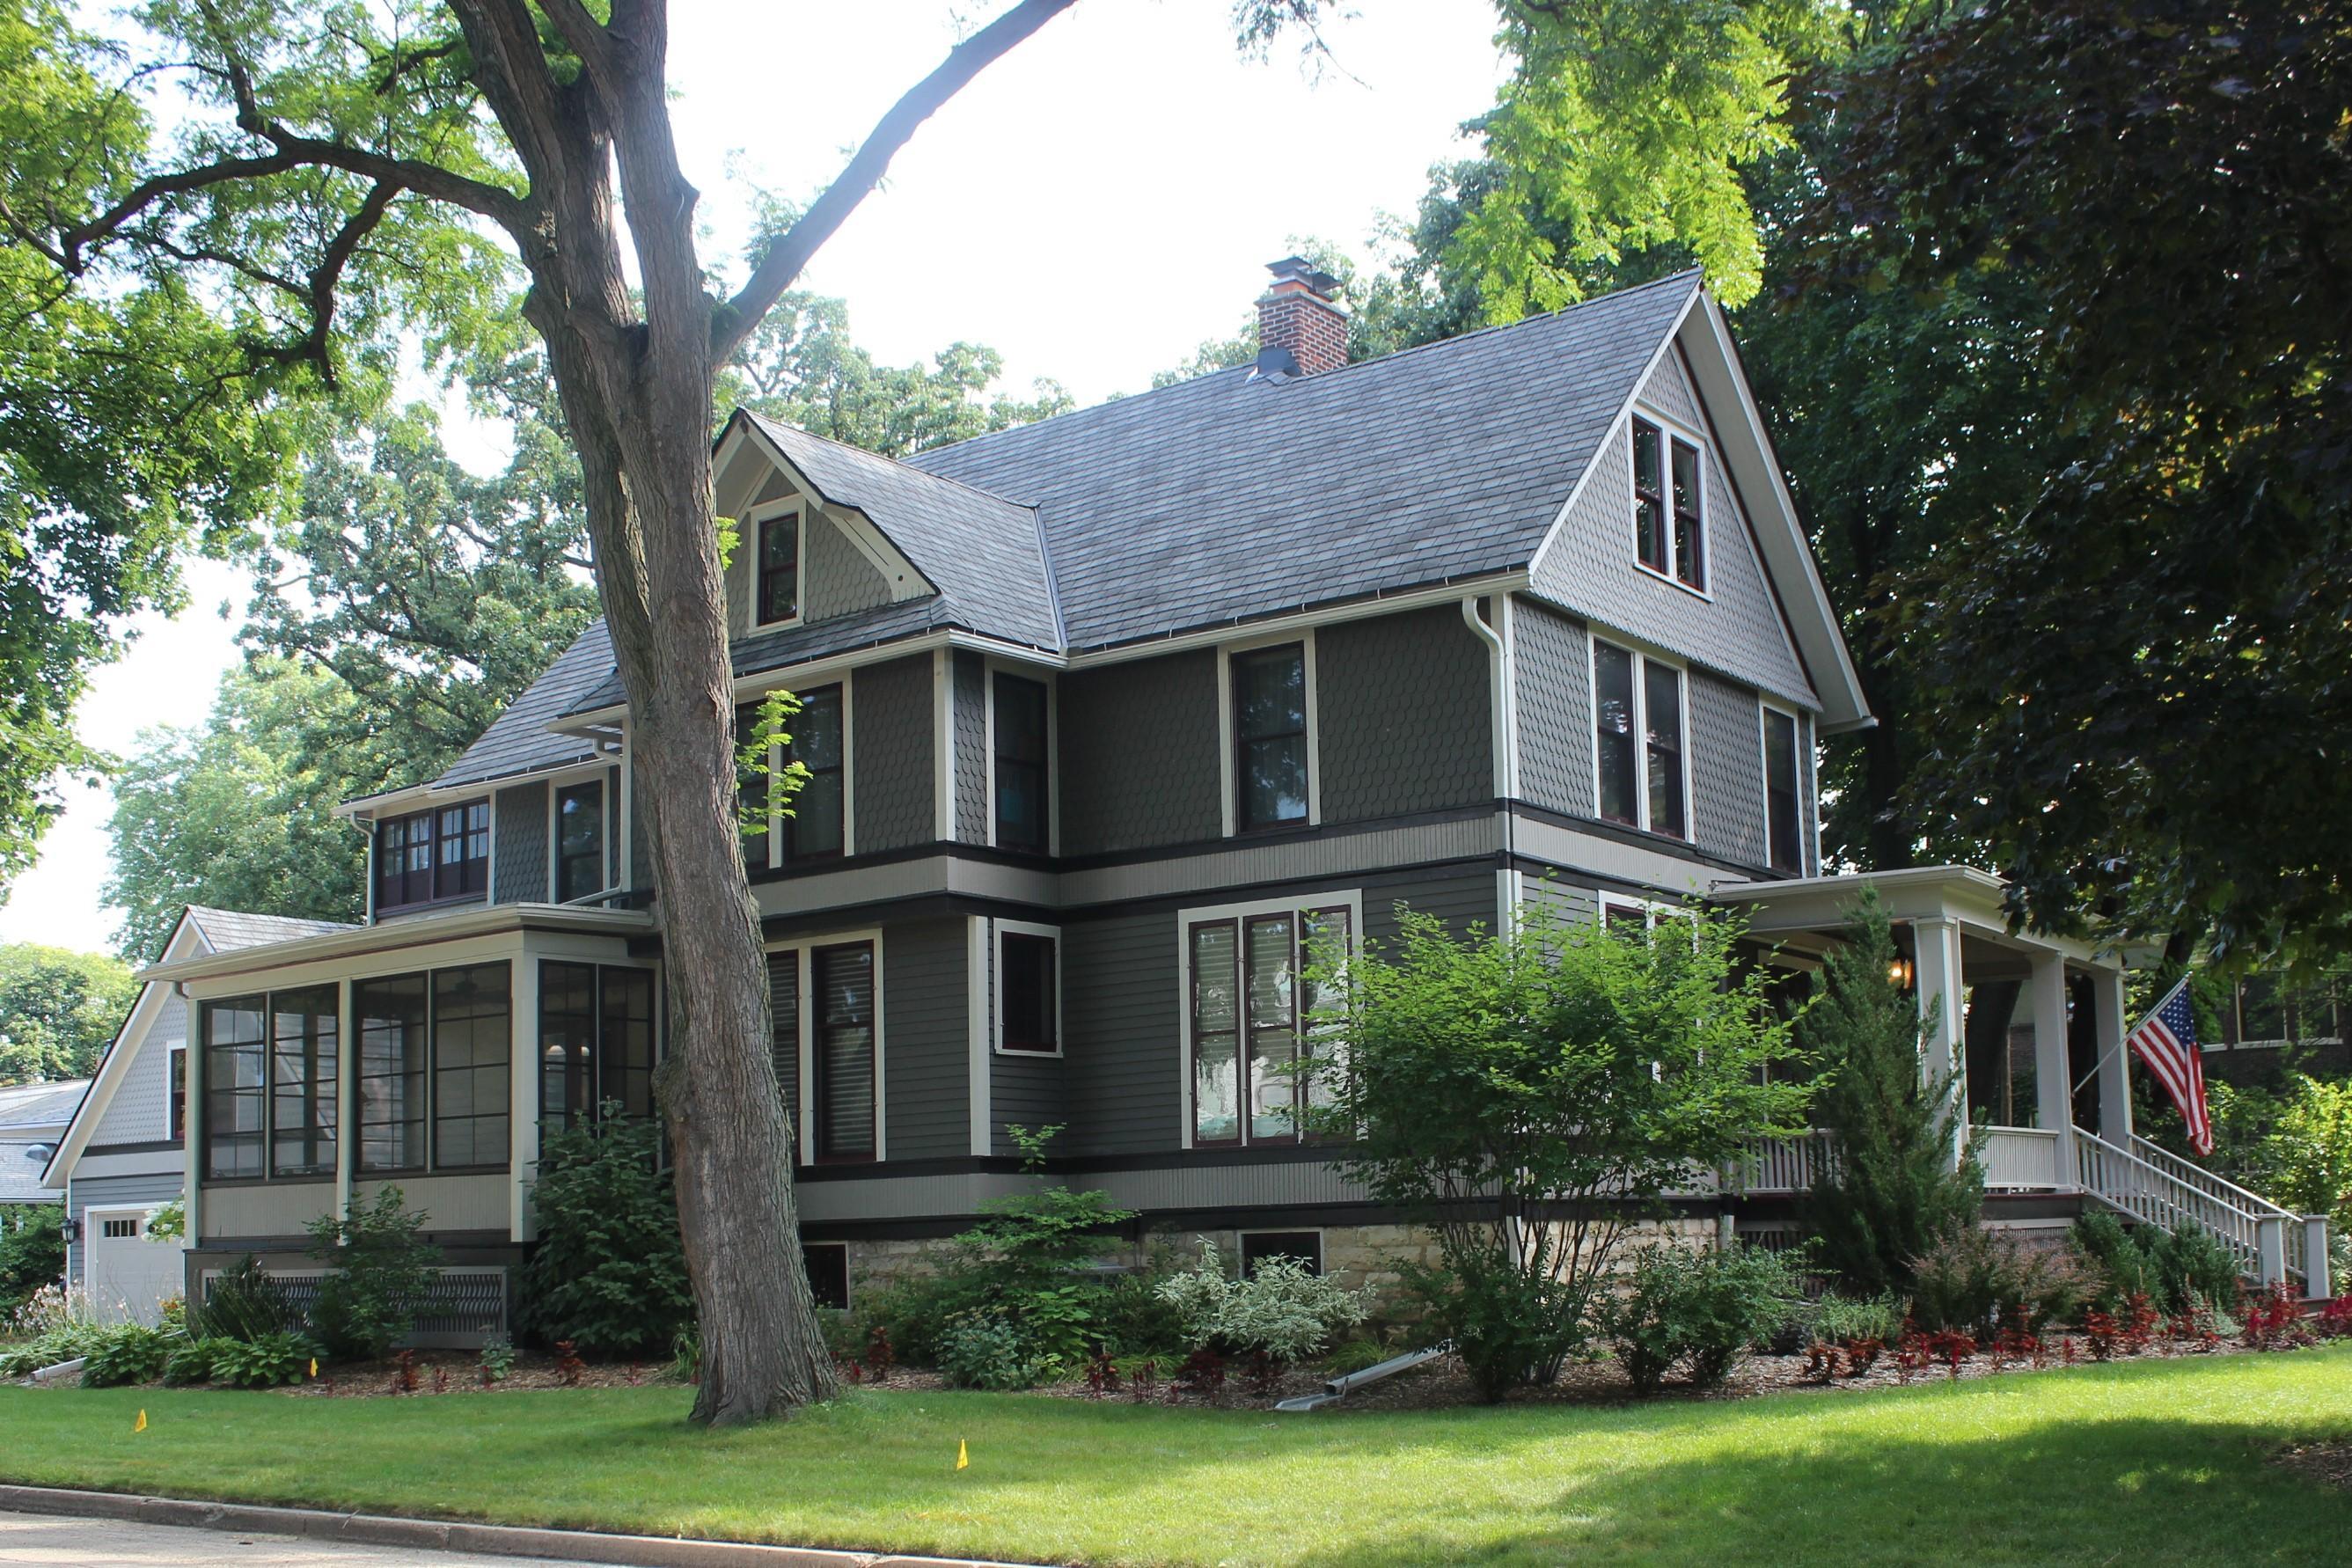 Fond Du Lac Homes for Sale | Mahler Sotheby's International